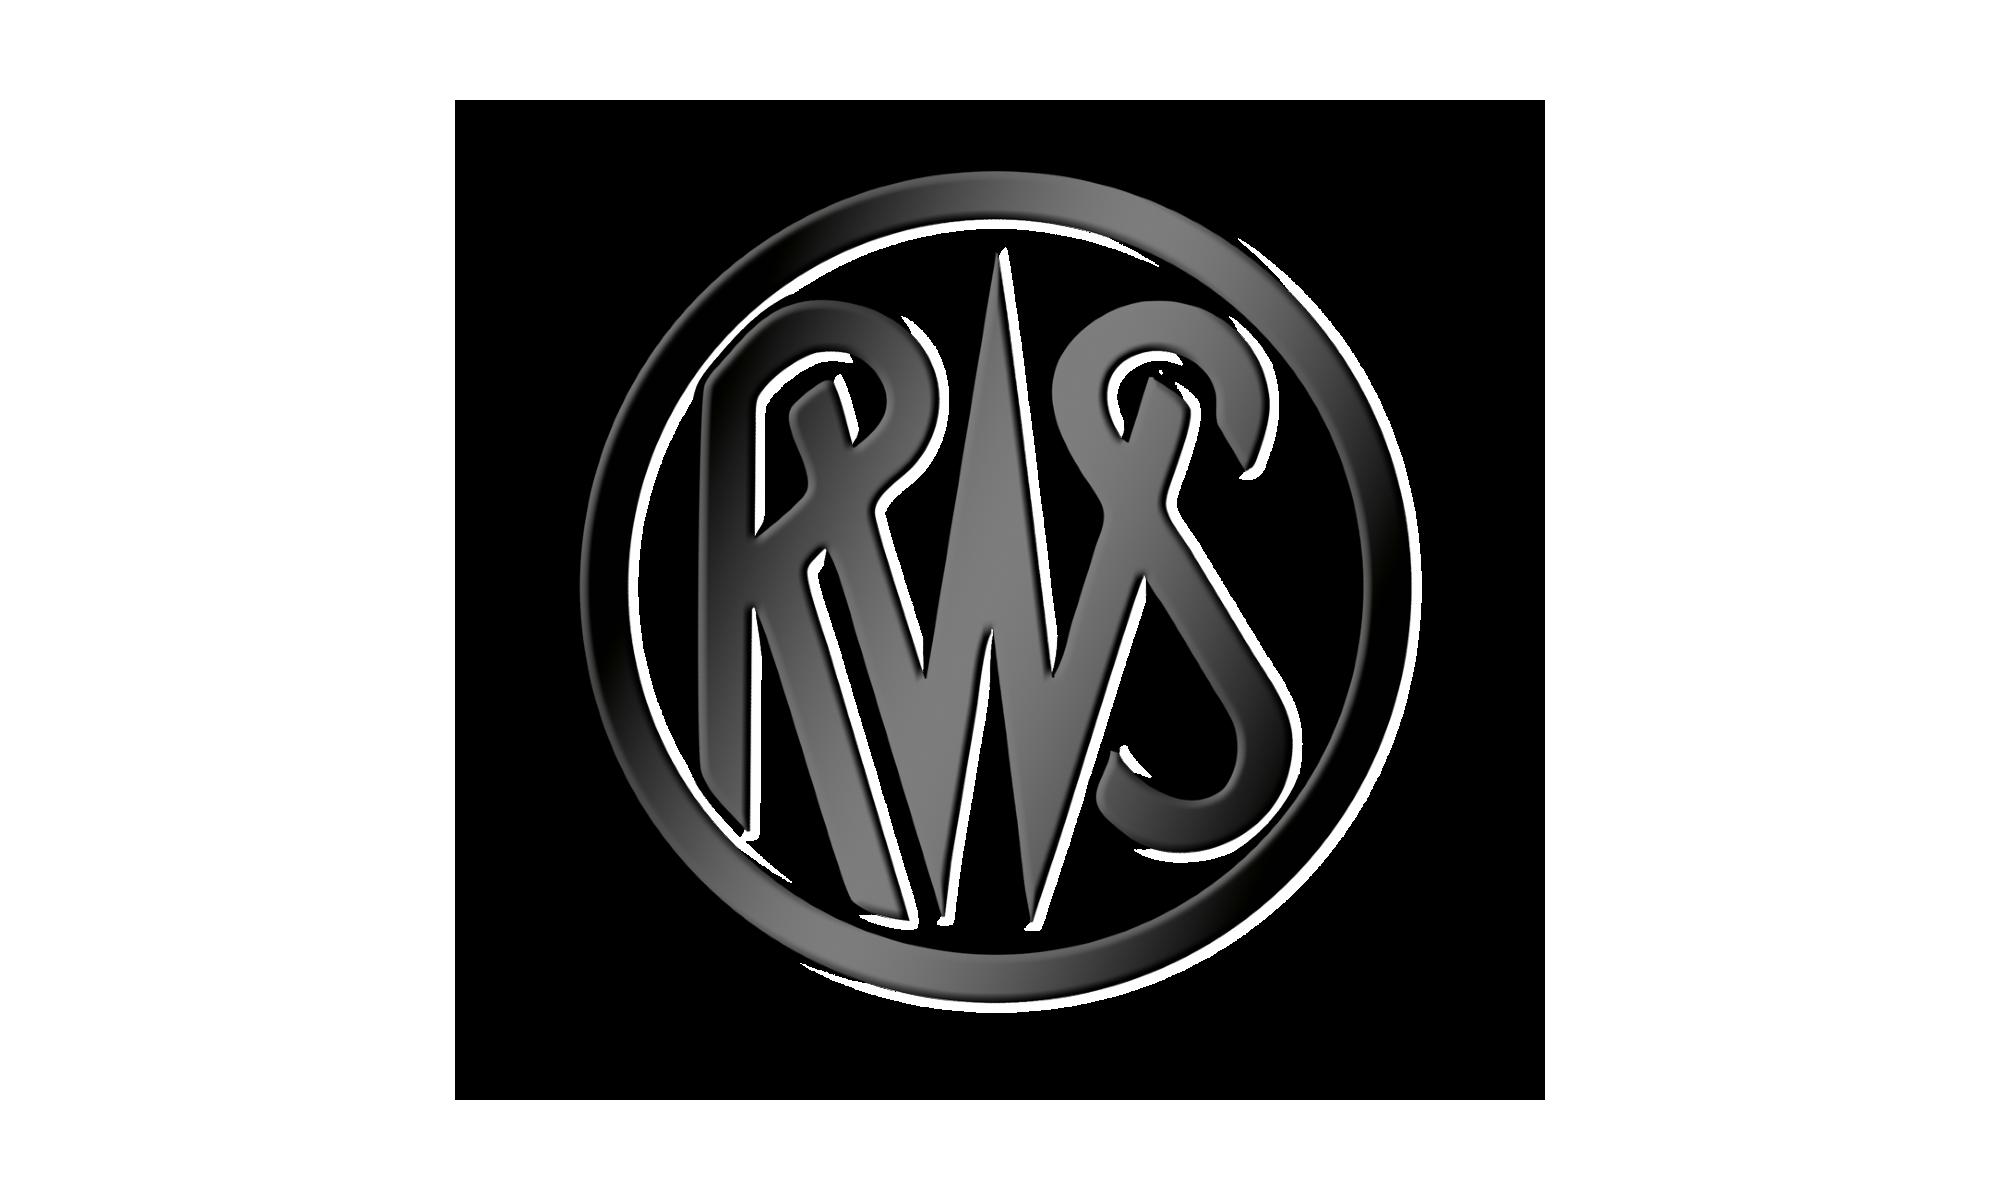 RWS Masters